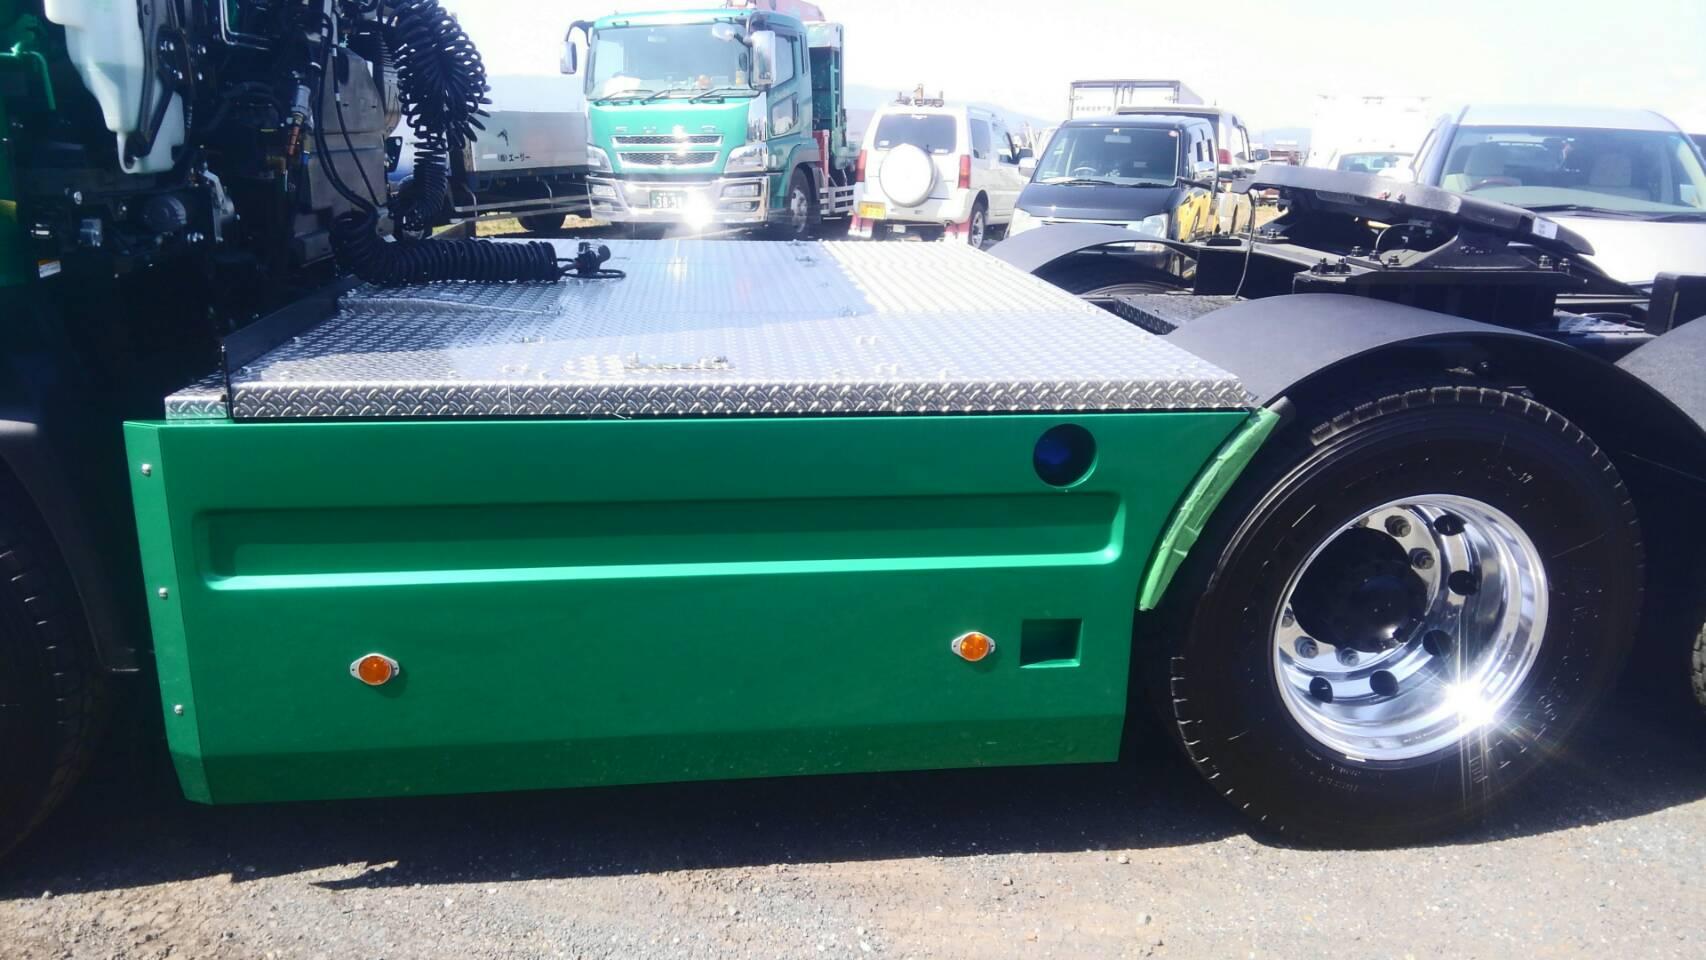 貨物自動車架装工房 トラック修理 クレーン架装 トラックカスタム